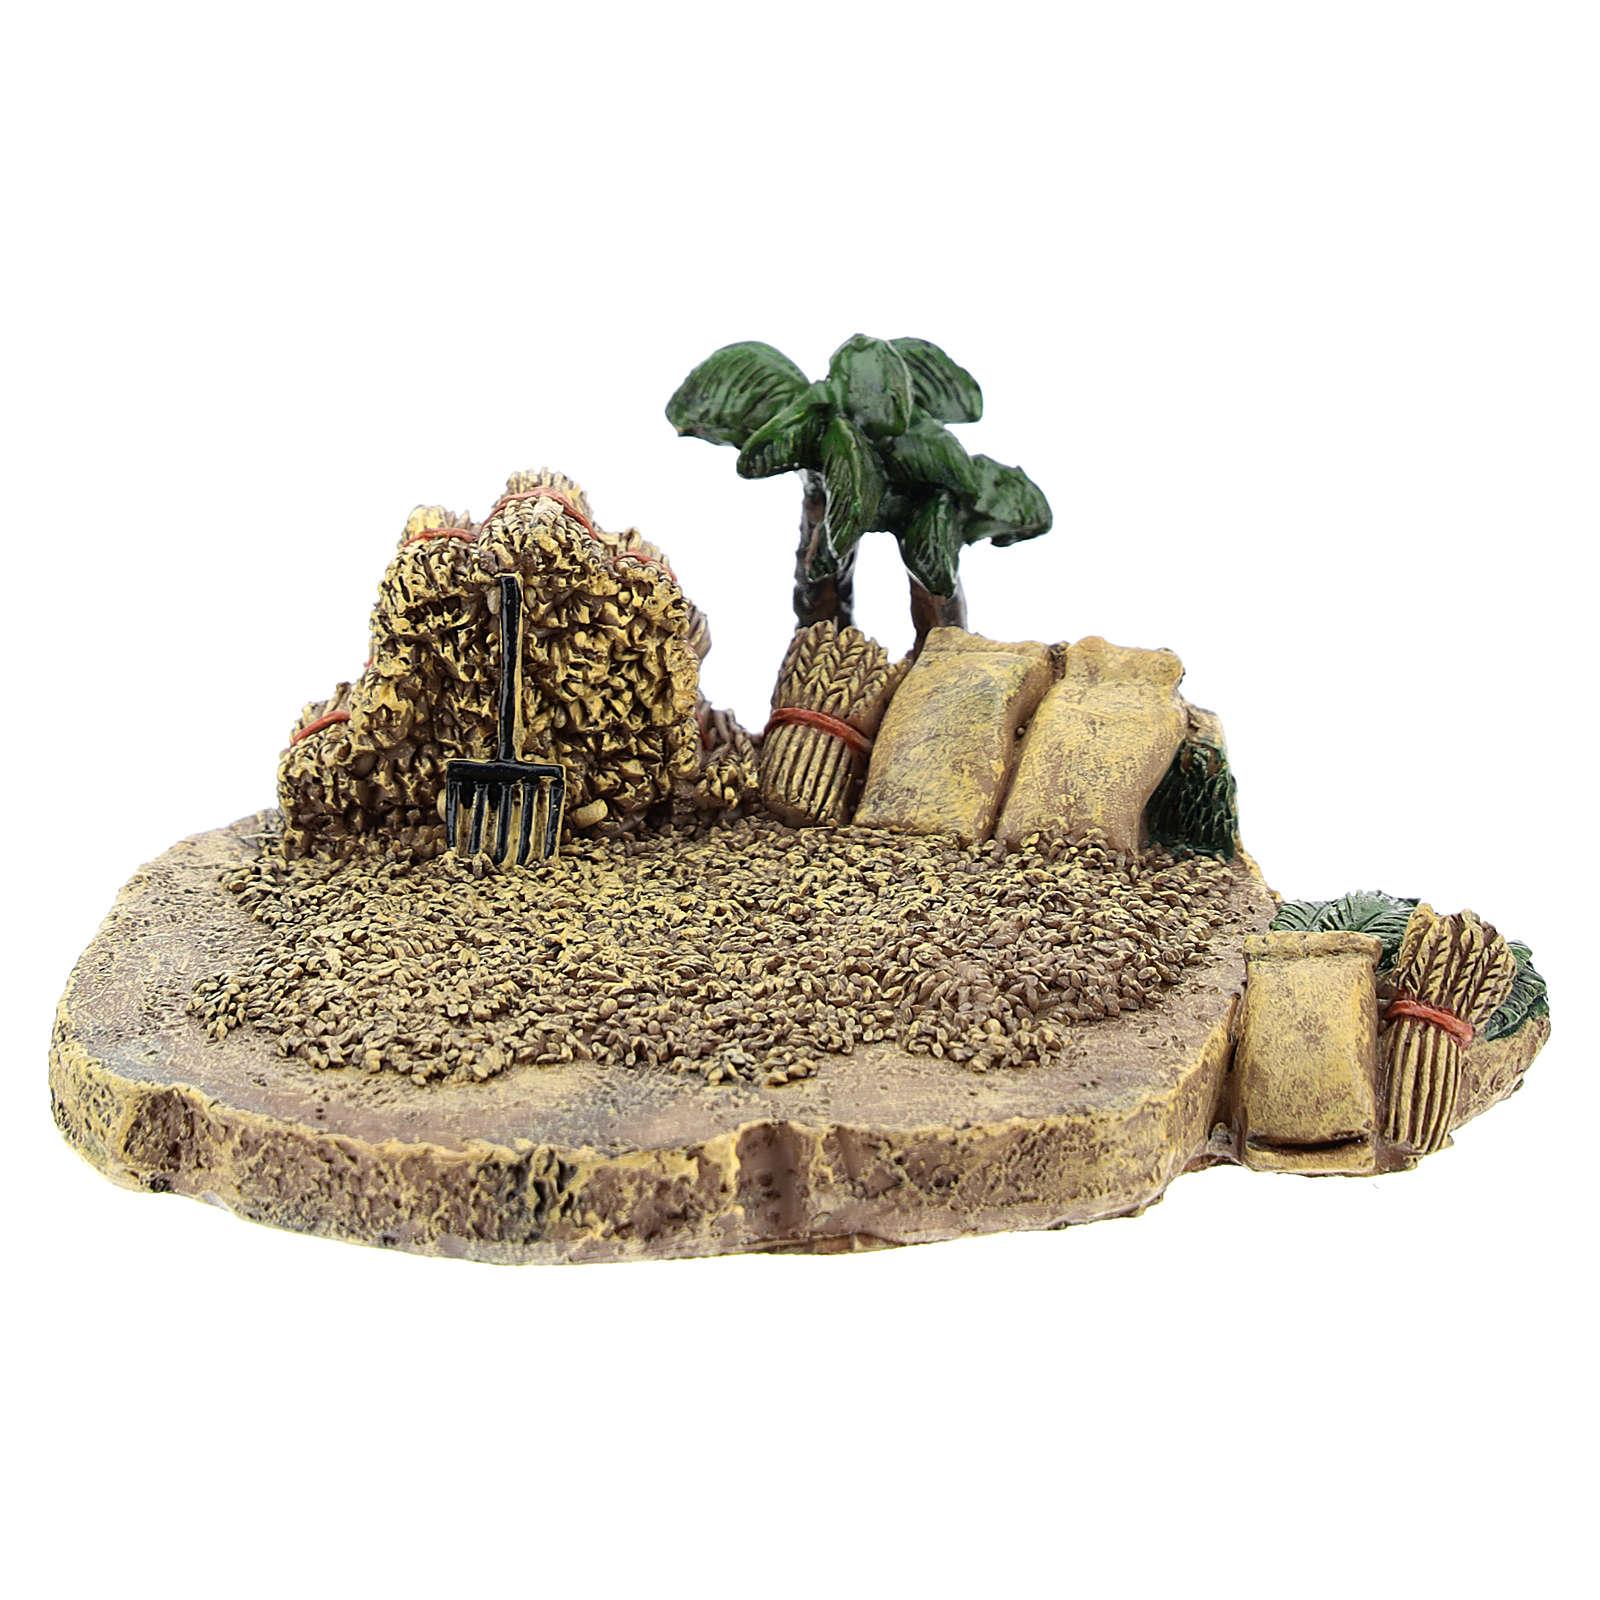 Champs de blé en résine de 4x7x10 cm pour crèche 6-8 cm 4